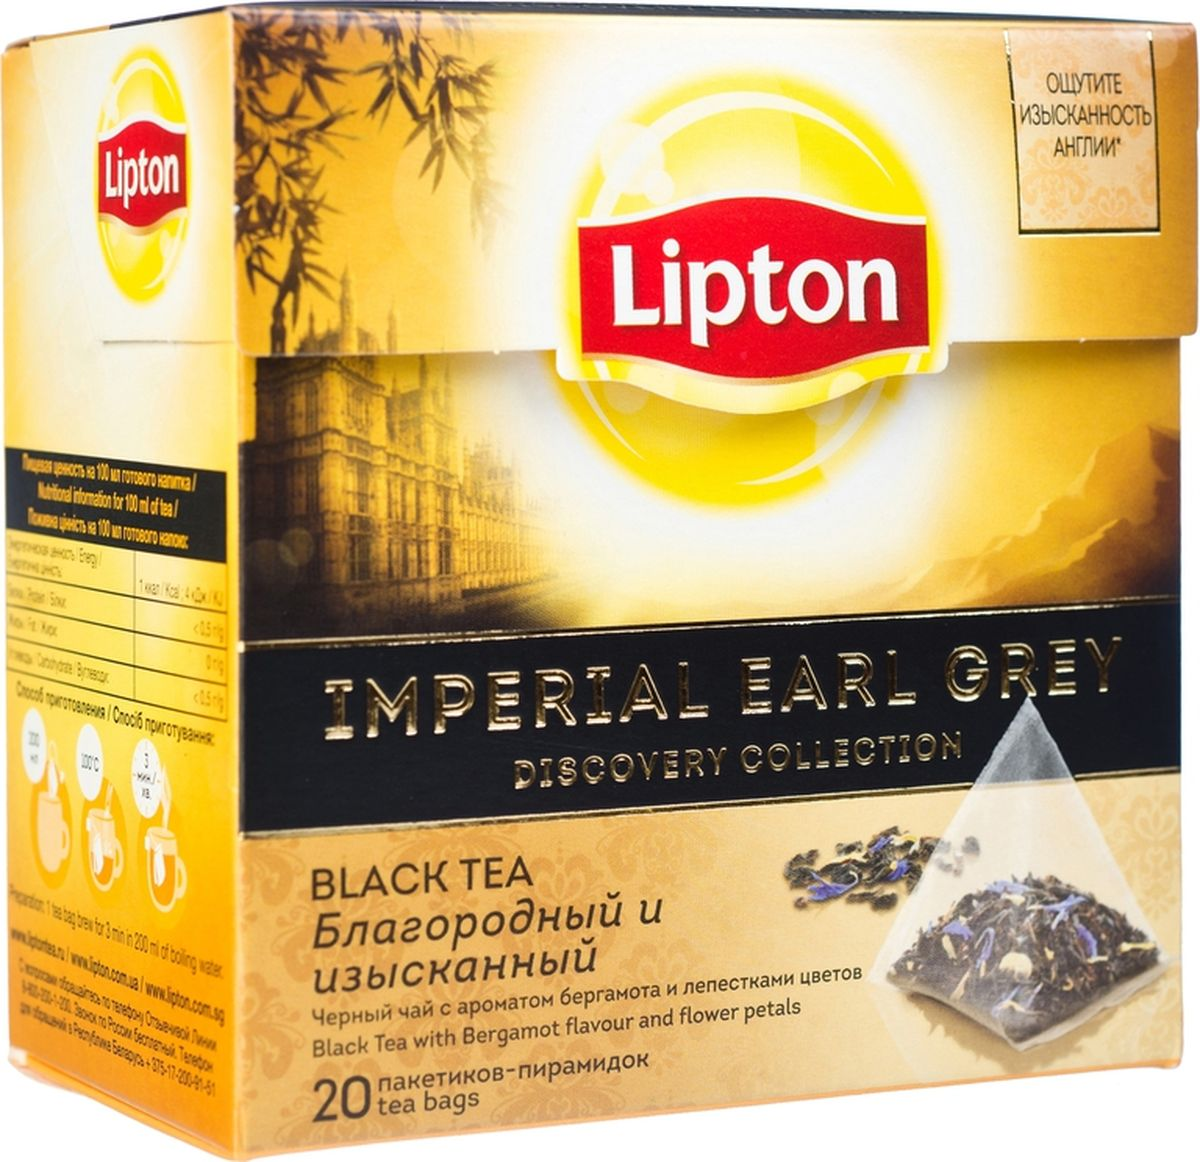 Lipton Imperial Earl Grey черный чай в пирамидках, 20 шт67079496Научно доказано, что в чае содержится огромное количество витаминов и микроэлементов, поэтому, выпивая чашку чая, вы не только поглощаете приятный и бодрящий напиток, но и получаете полезные вещества, такие, как: антиоксиданты, аминокислоты и белки, эфирные масла, придающие неповторимый аромат чаю. Чай мягко тонизирует и помогает сконцентрироваться. Чай с мировым именем Lipton - это лидер среди чайных брендов: его пьют в более чем 150 странах. Мировой объем потребления чая Lipton составляет 4,5 млрд литров в год. Каждый день в мире выпивается 205 млн чашек чая Lipton.Ключевой фактор в укреплении лидерских позиций Lipton – высокое качество и внимание к меняющимся предпочтениям потребителей. Специалисты Lipton внимательно следят за каждым этапом создания чая, начиная с рождения чайного листа и заканчивая купажированием, чтобы Вы могли в полной мере насладиться насыщенным вкусом и богатым ароматом вашего любимого чая. Продукция компании – это только свежие чайные листья, натуральный сок чайных листьев, насыщенный вкус и богатый аромат чая.Откройте для себя всю силу чайного листа вместе с всемирно известным напитком!Свое название классический чай Earl Grey получил от знаменитого путешественника – графа Чарльза Грэя. Согласно легенде, более 200 лет назад он привез в Англию необычный рецепт классического черного чая с пикантной цитрусовой ноткой. Благородный вкус черного чая Earl Grey и пикантный аромат бергамота гармонично сочетаются с нежными лепесткам цветов, придавая купажу особую изысканность. Свободное пространство в пирамидке позволяет листовому чаю раскрыть выразительный вкус и яркий аромат классического чая Earl Grey. Откройте истоки английской чайной традиции с чашкой Lipton Imperial Earl Grey.